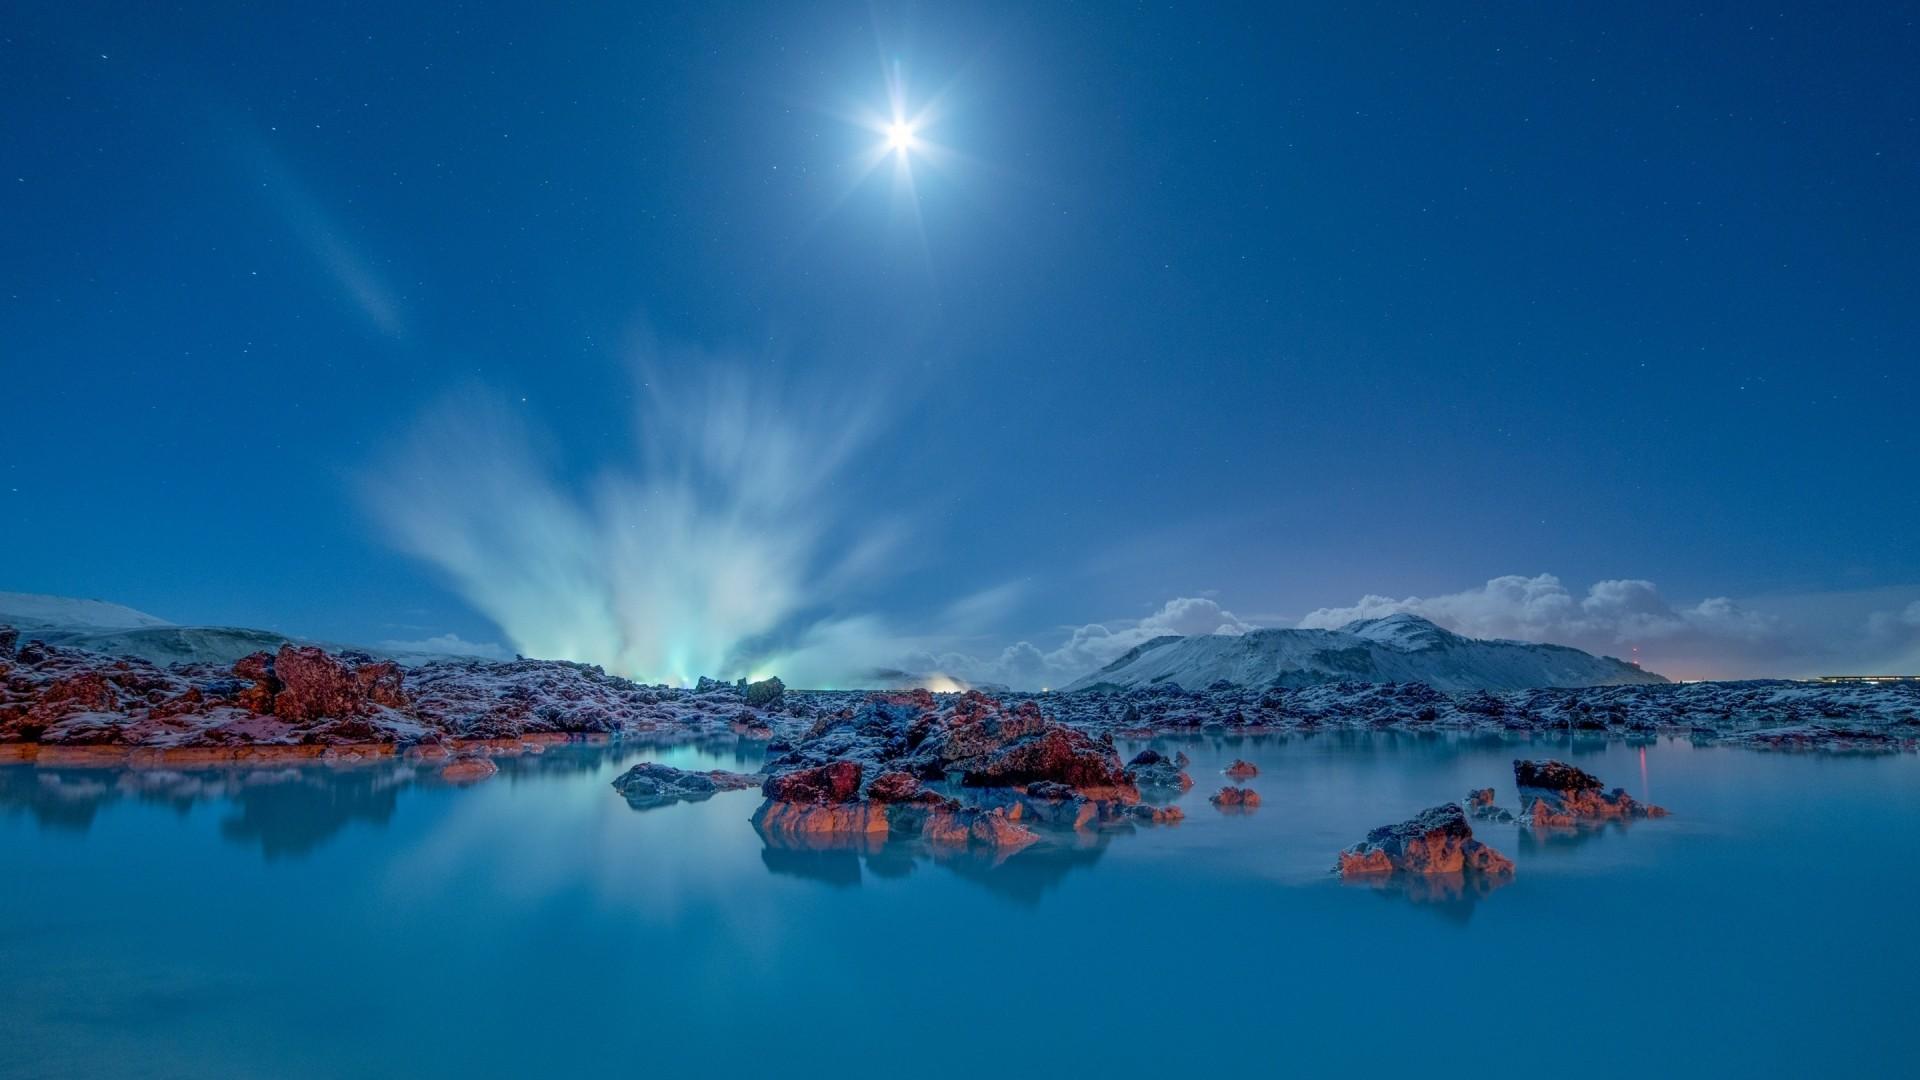 Hintergrundbilder Sonnenlicht Landschaft Berge Meer Nacht